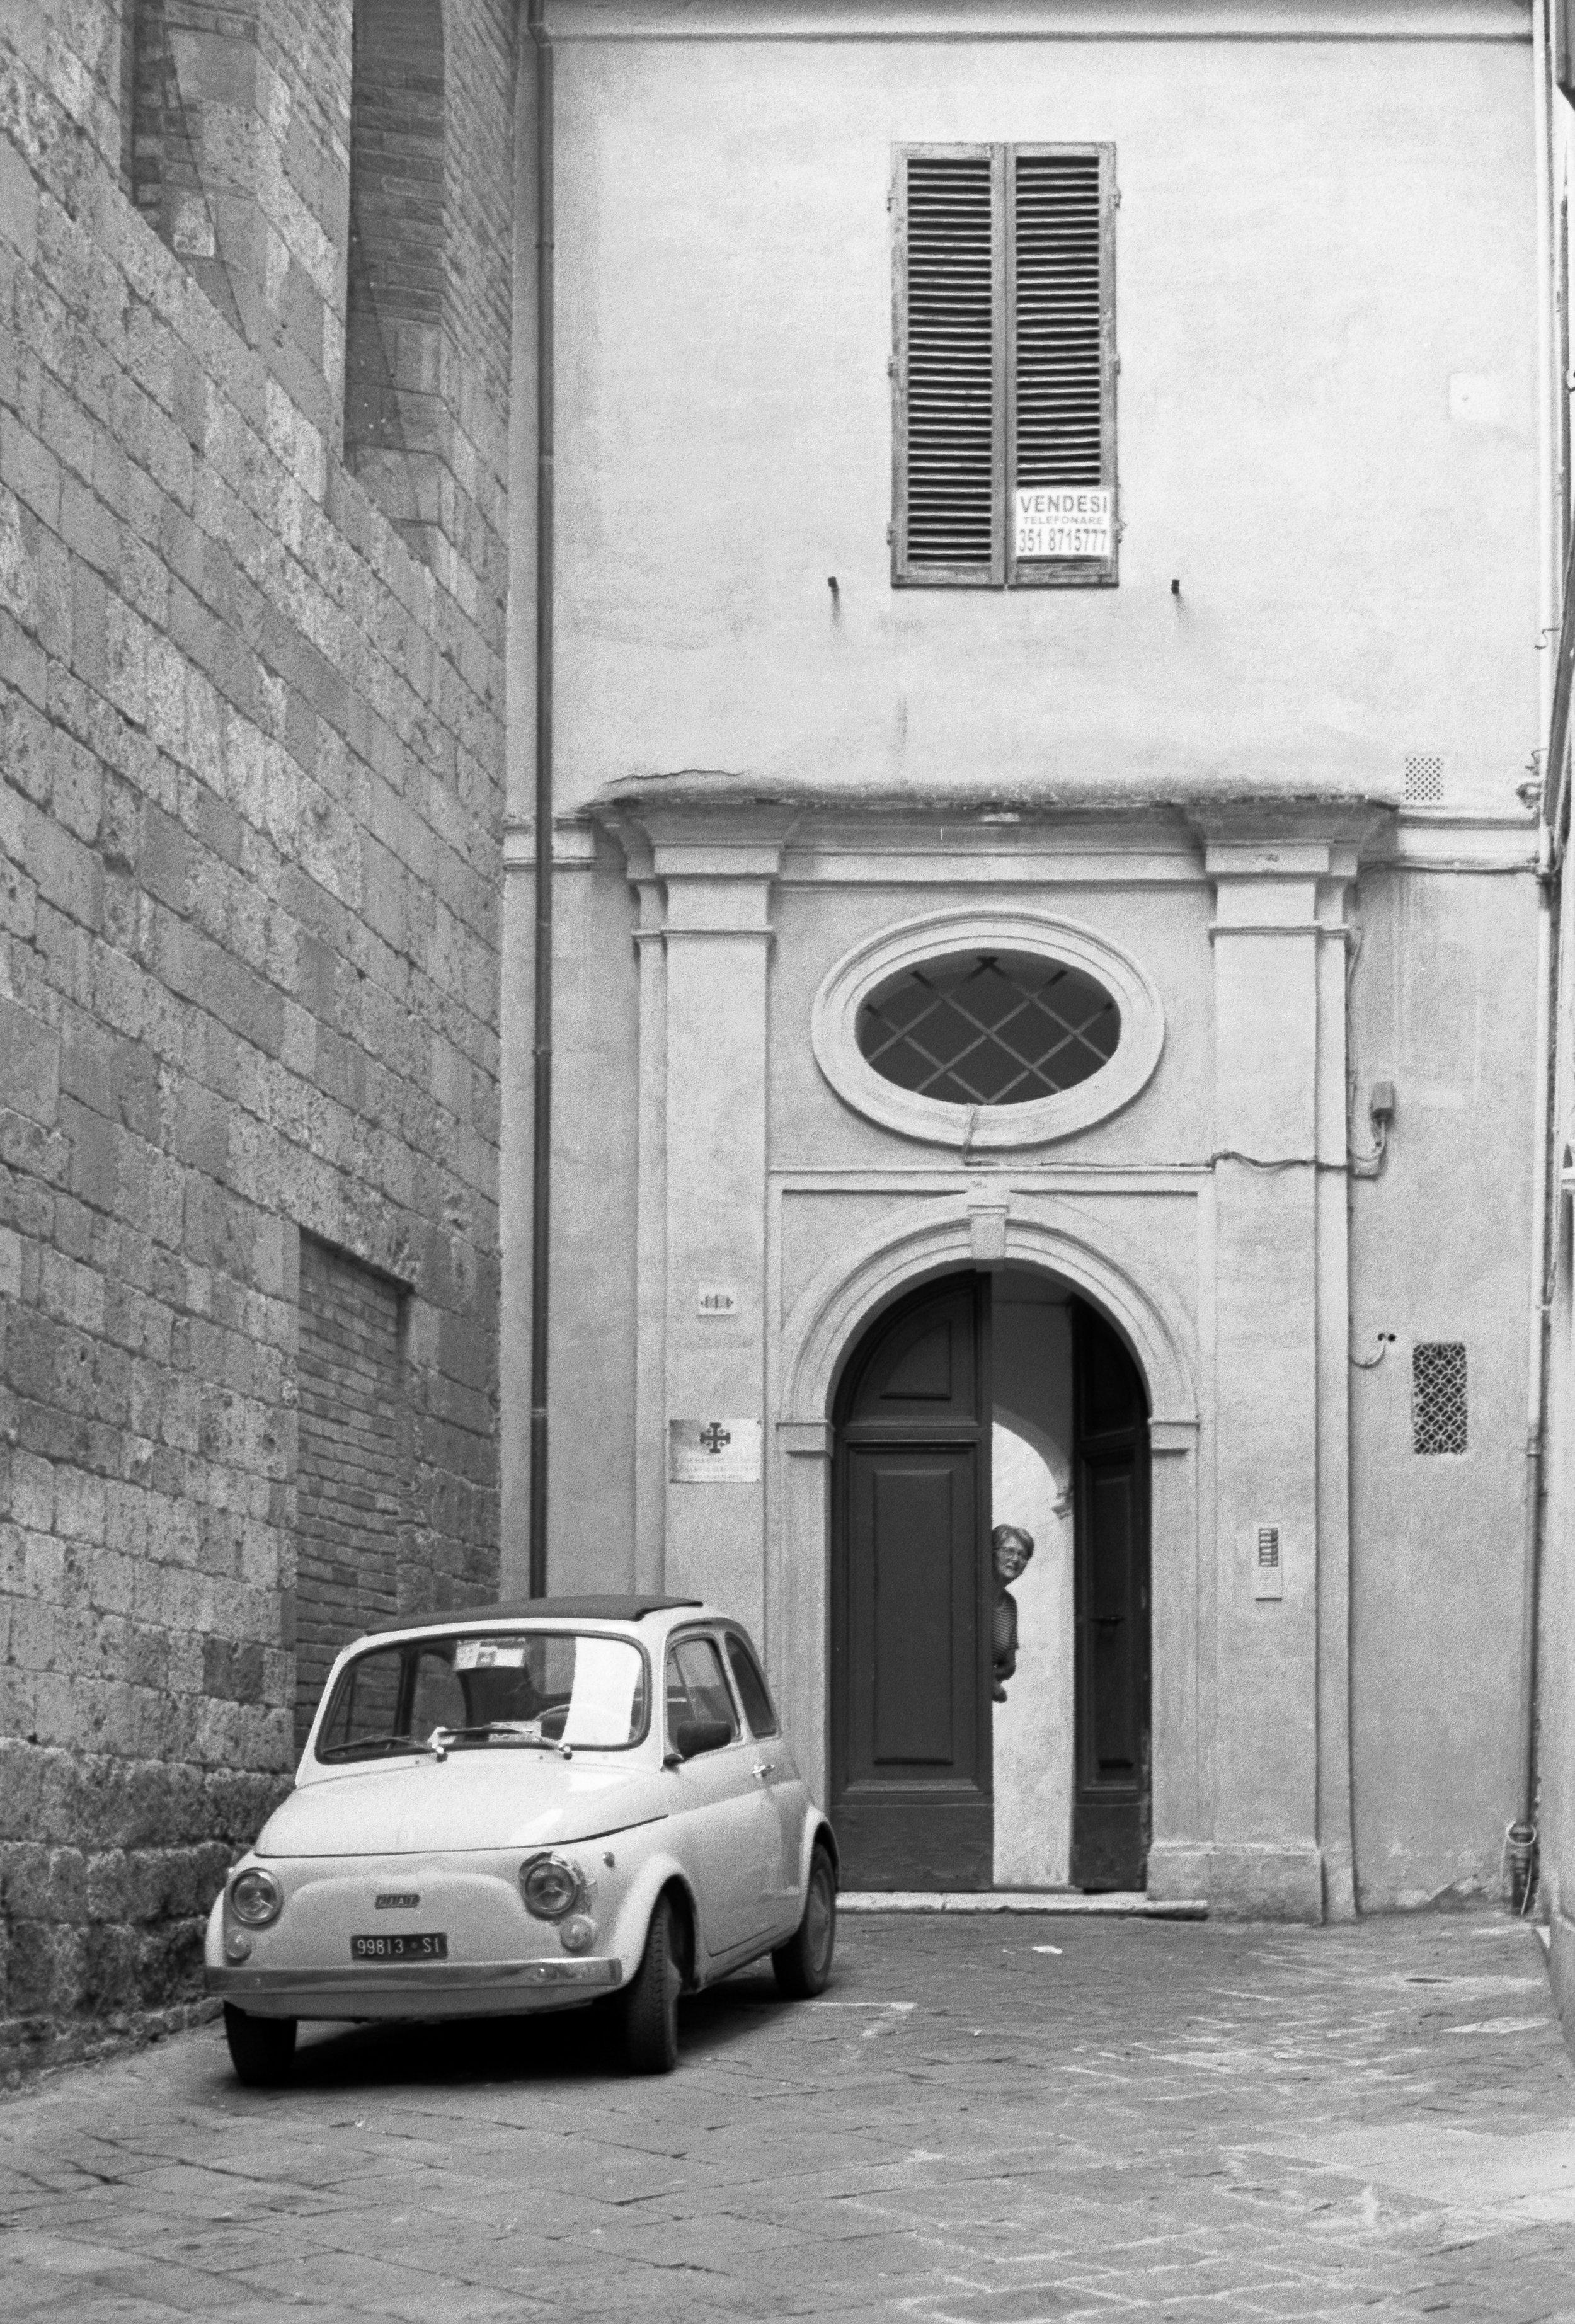 Siena. Italy. 2019.